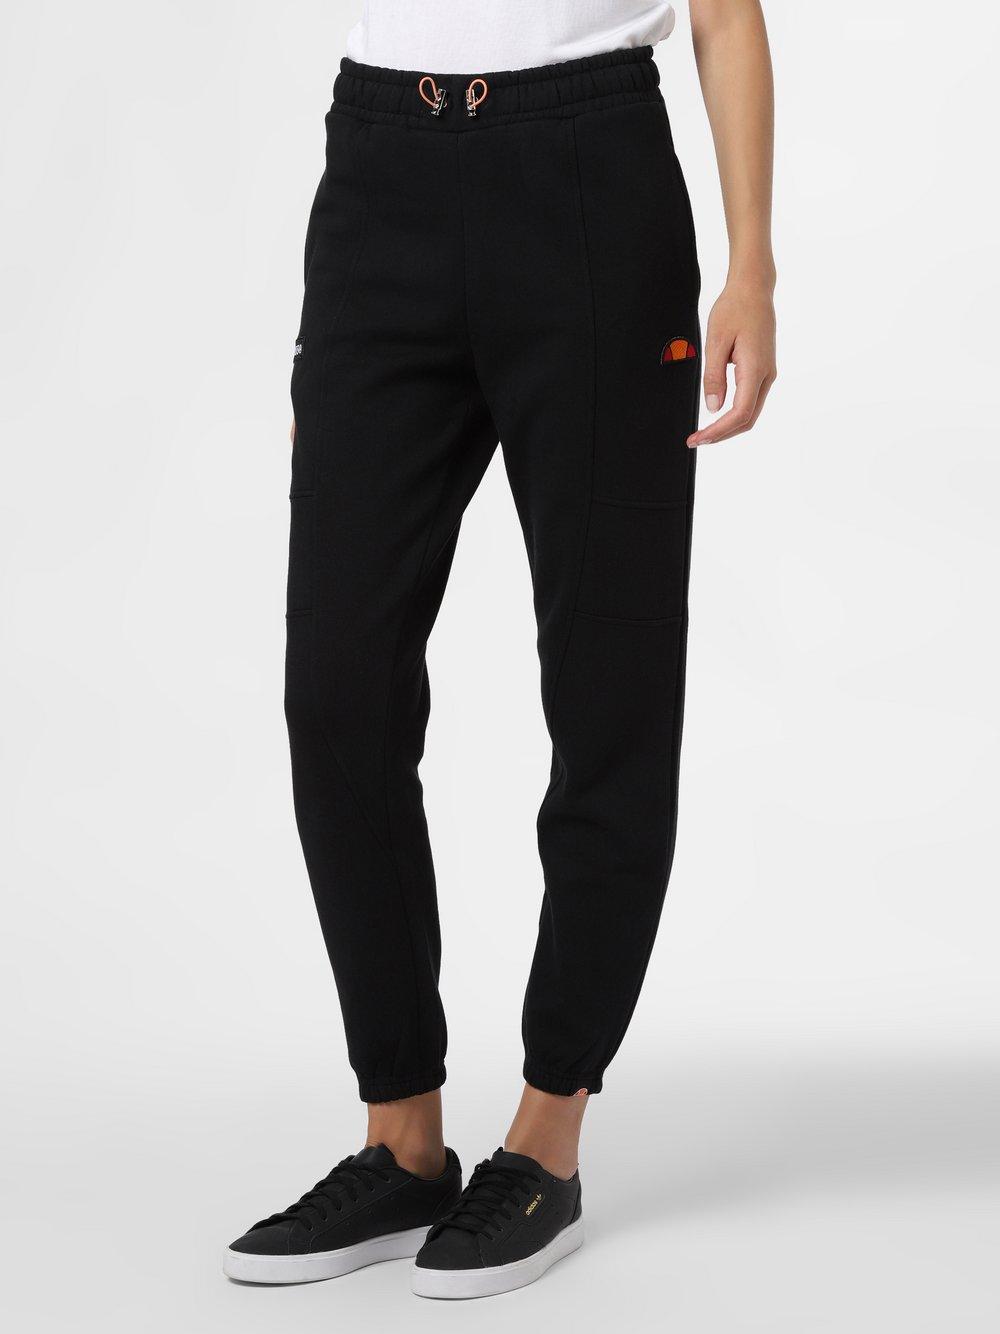 ellesse – Damskie spodnie dresowe – Affinis, czarny Van Graaf 479848-0001-09920